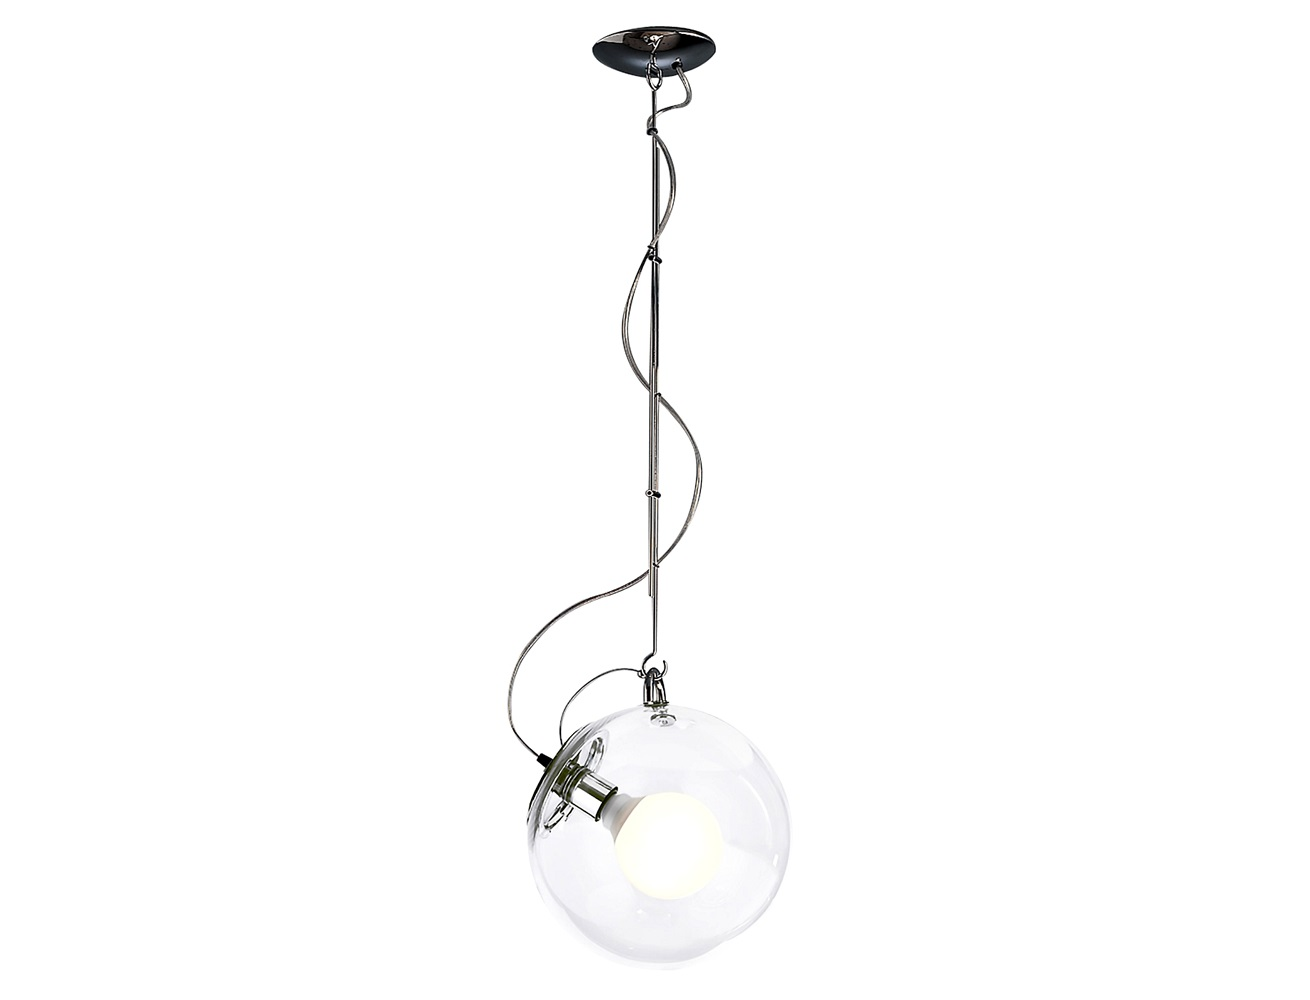 Светильник Miconos sospensioneПодвесные светильники<br>Подвесной светильник Miconos sospensione. Выполнен из полированного хромированного металла, плафон из прозрачного выдувного стекла. Регулируемая высота 100-155 см.<br><br>Мощность: 1 Е27 x 23 Вт<br><br>Material: Стекло<br>Length см: None<br>Width см: None<br>Depth см: None<br>Height см: 100.0<br>Diameter см: 30.0